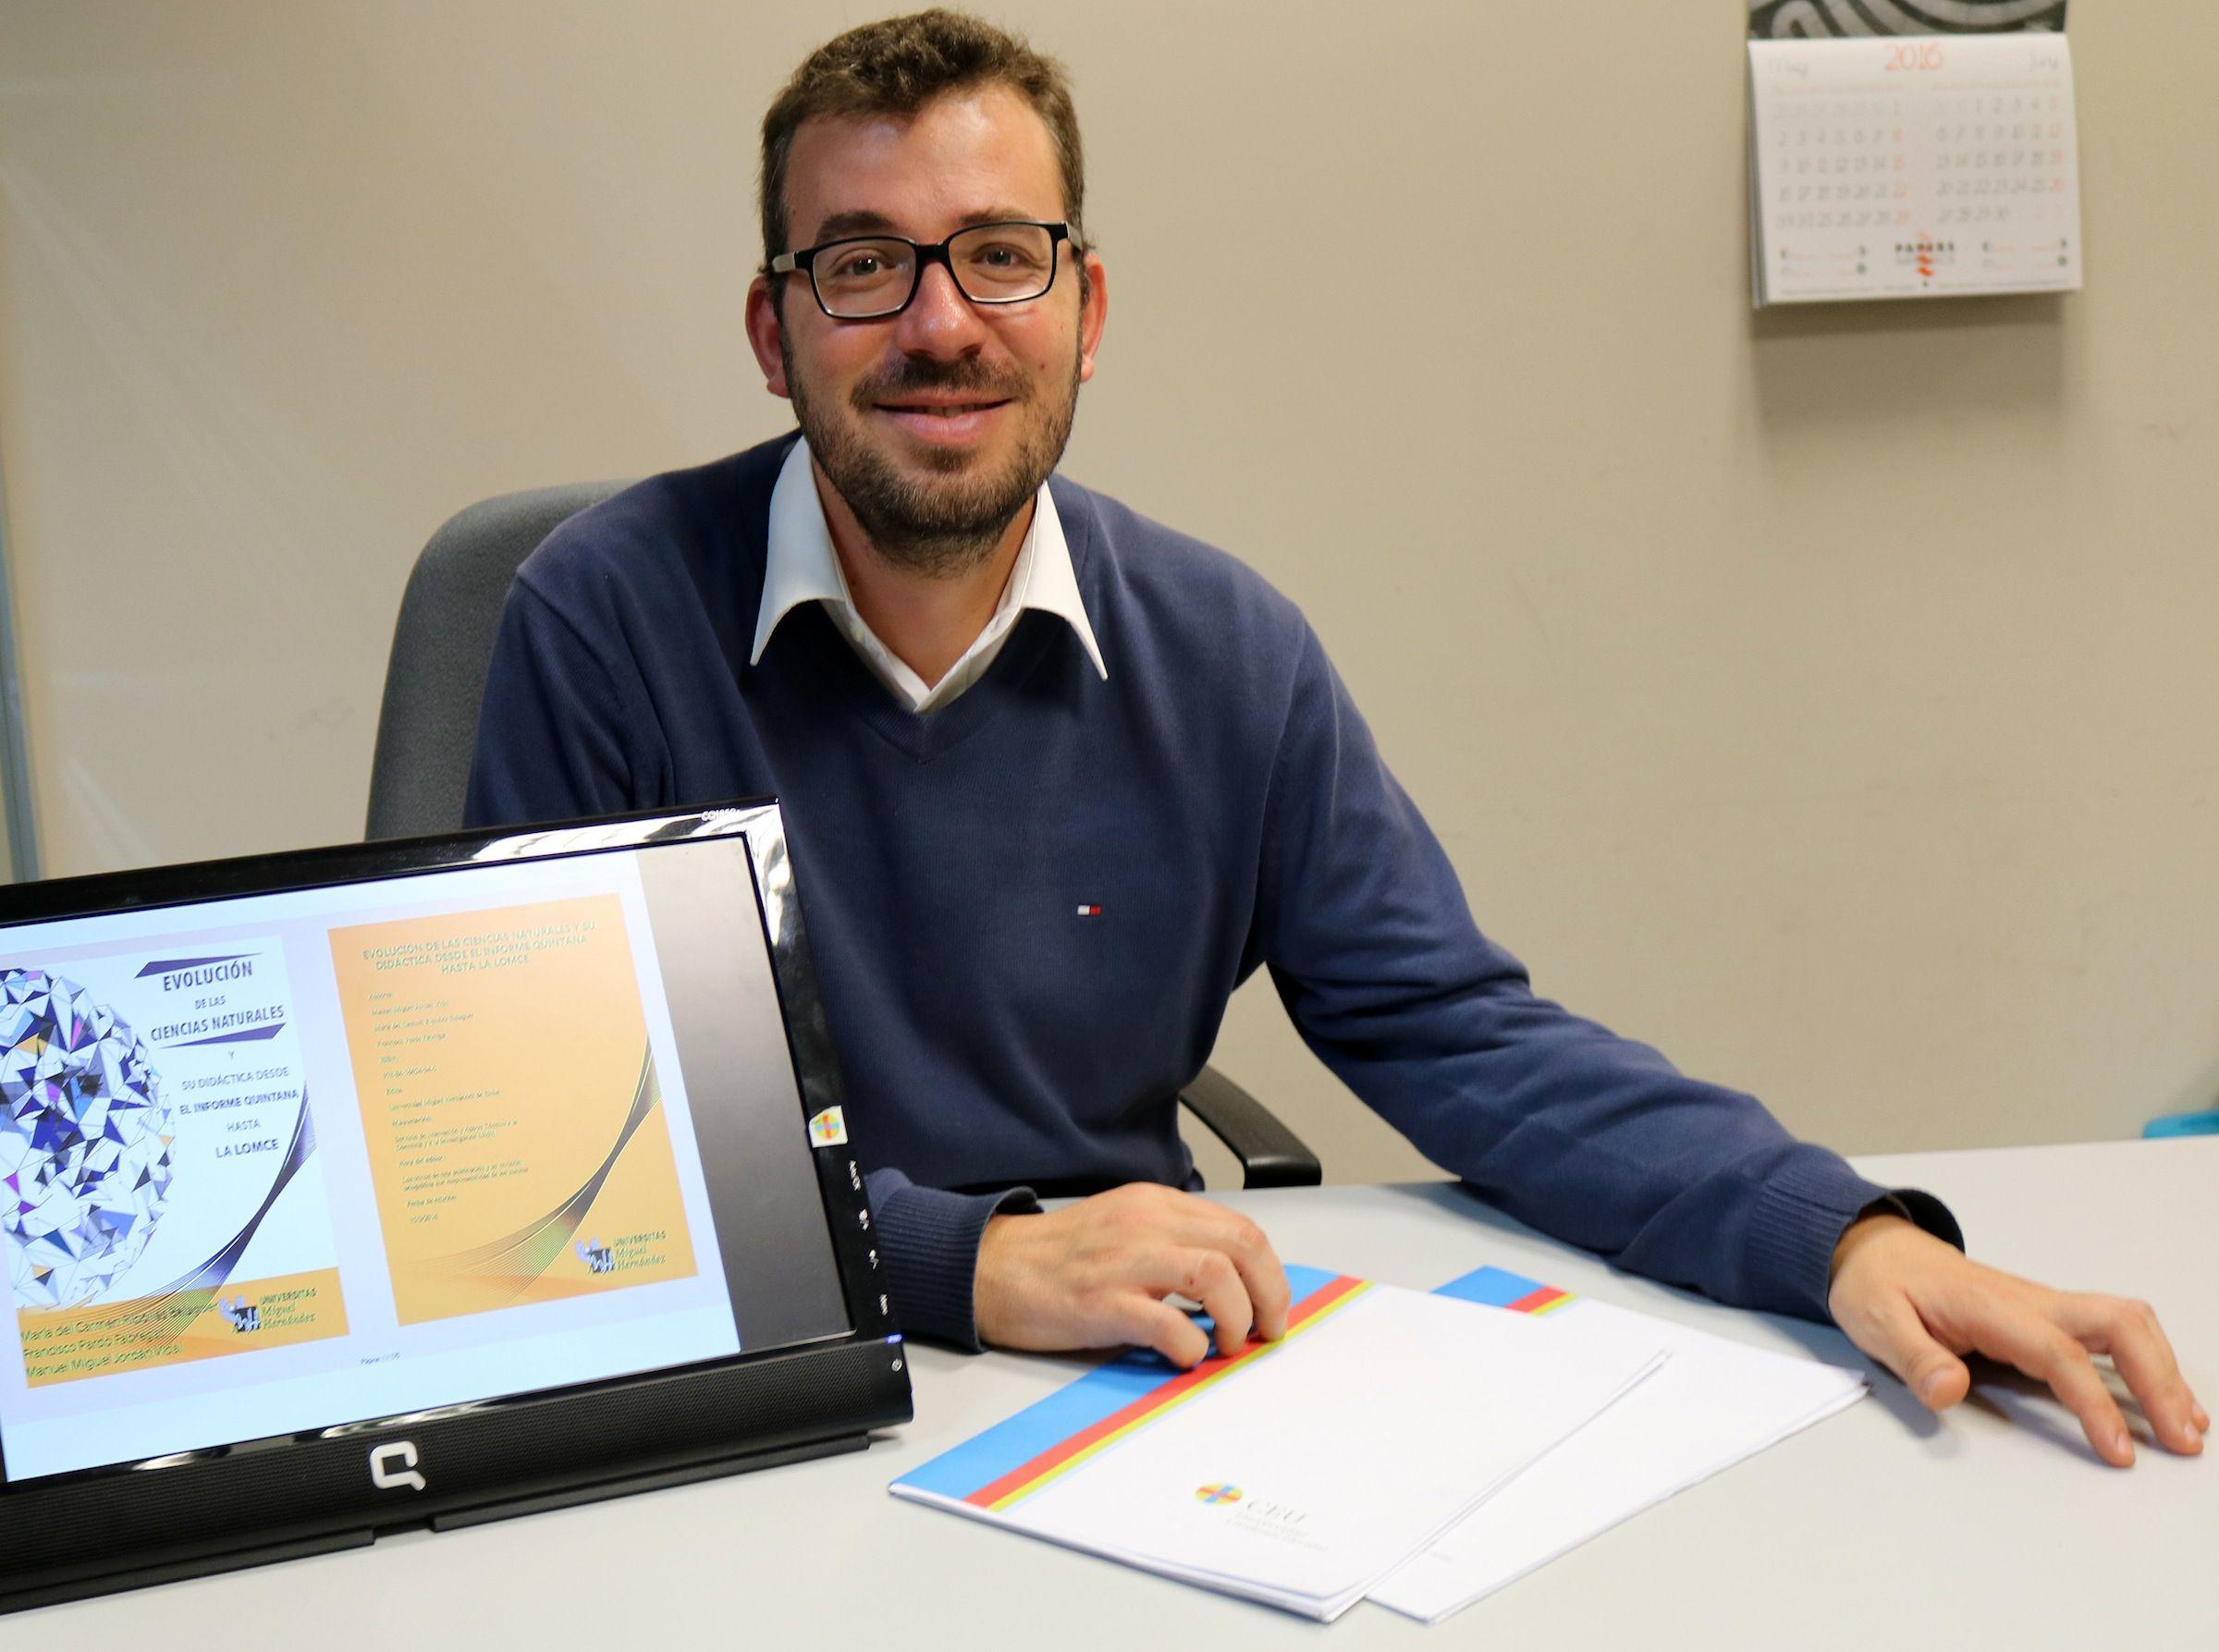 Francisco Pardo, coautor del libro, es profesor de los Grados en Educación Infantil y Primaria de la CEU-UCH en Castellón.